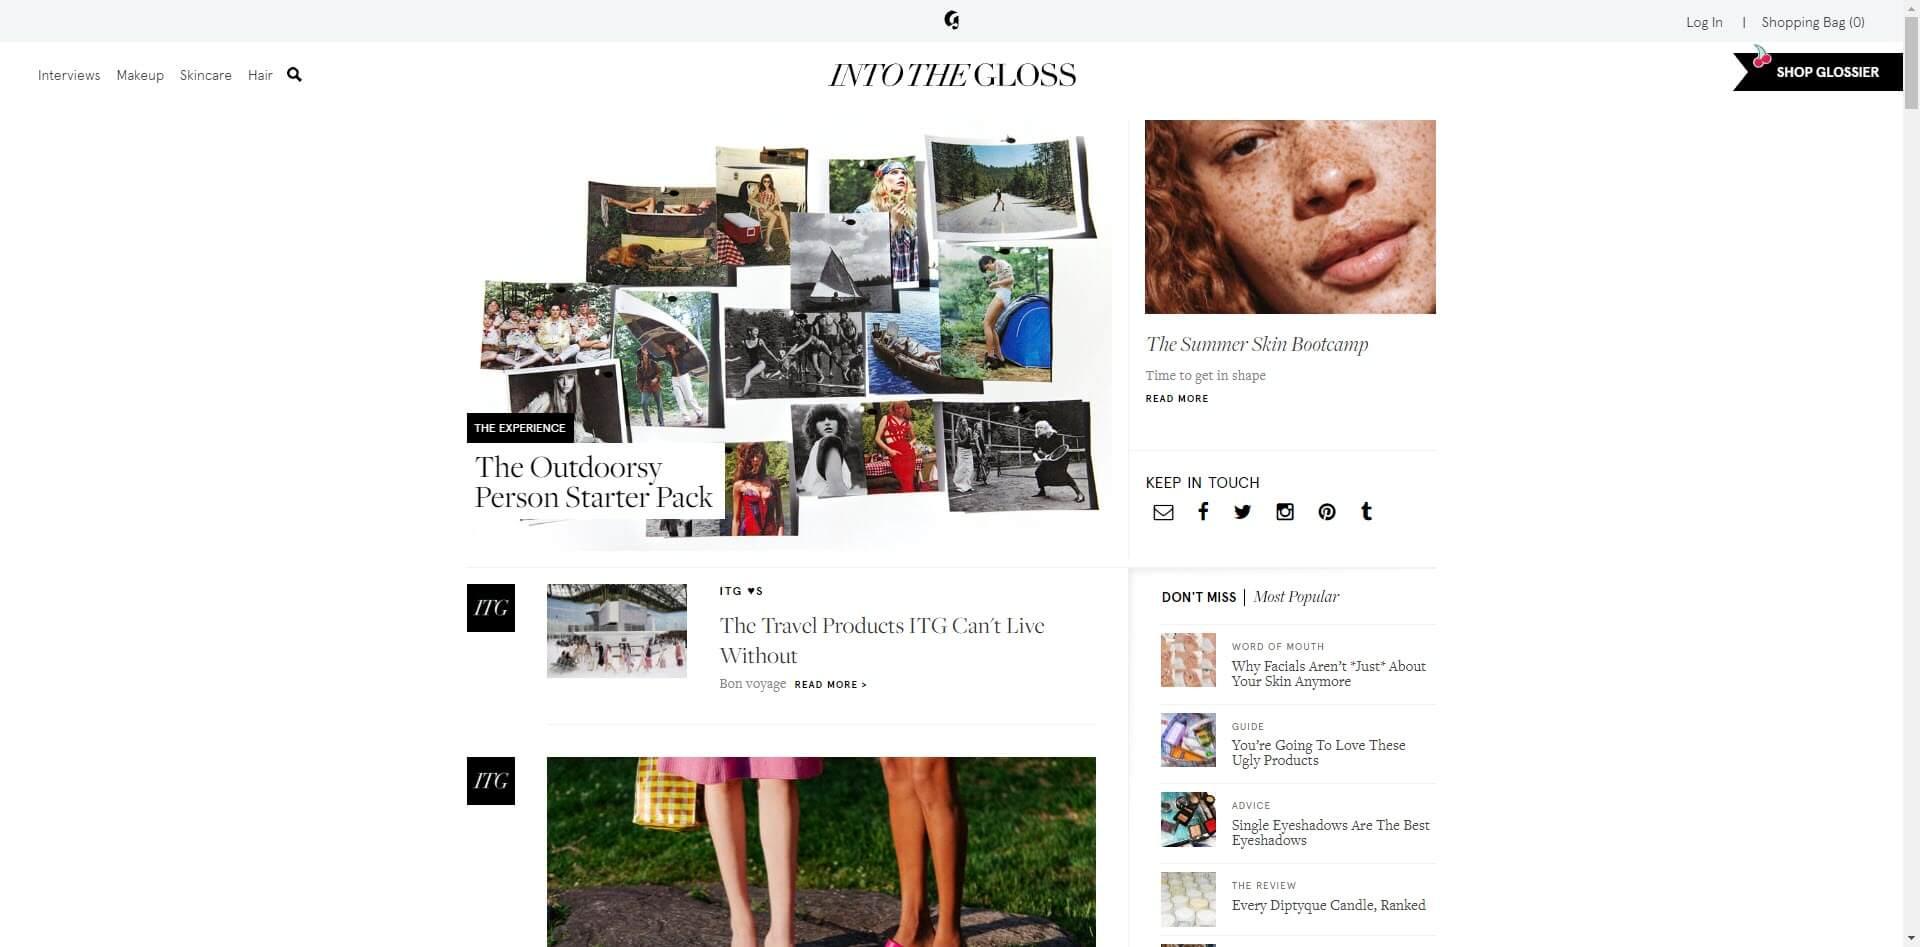 intothegloss best beauty blogs